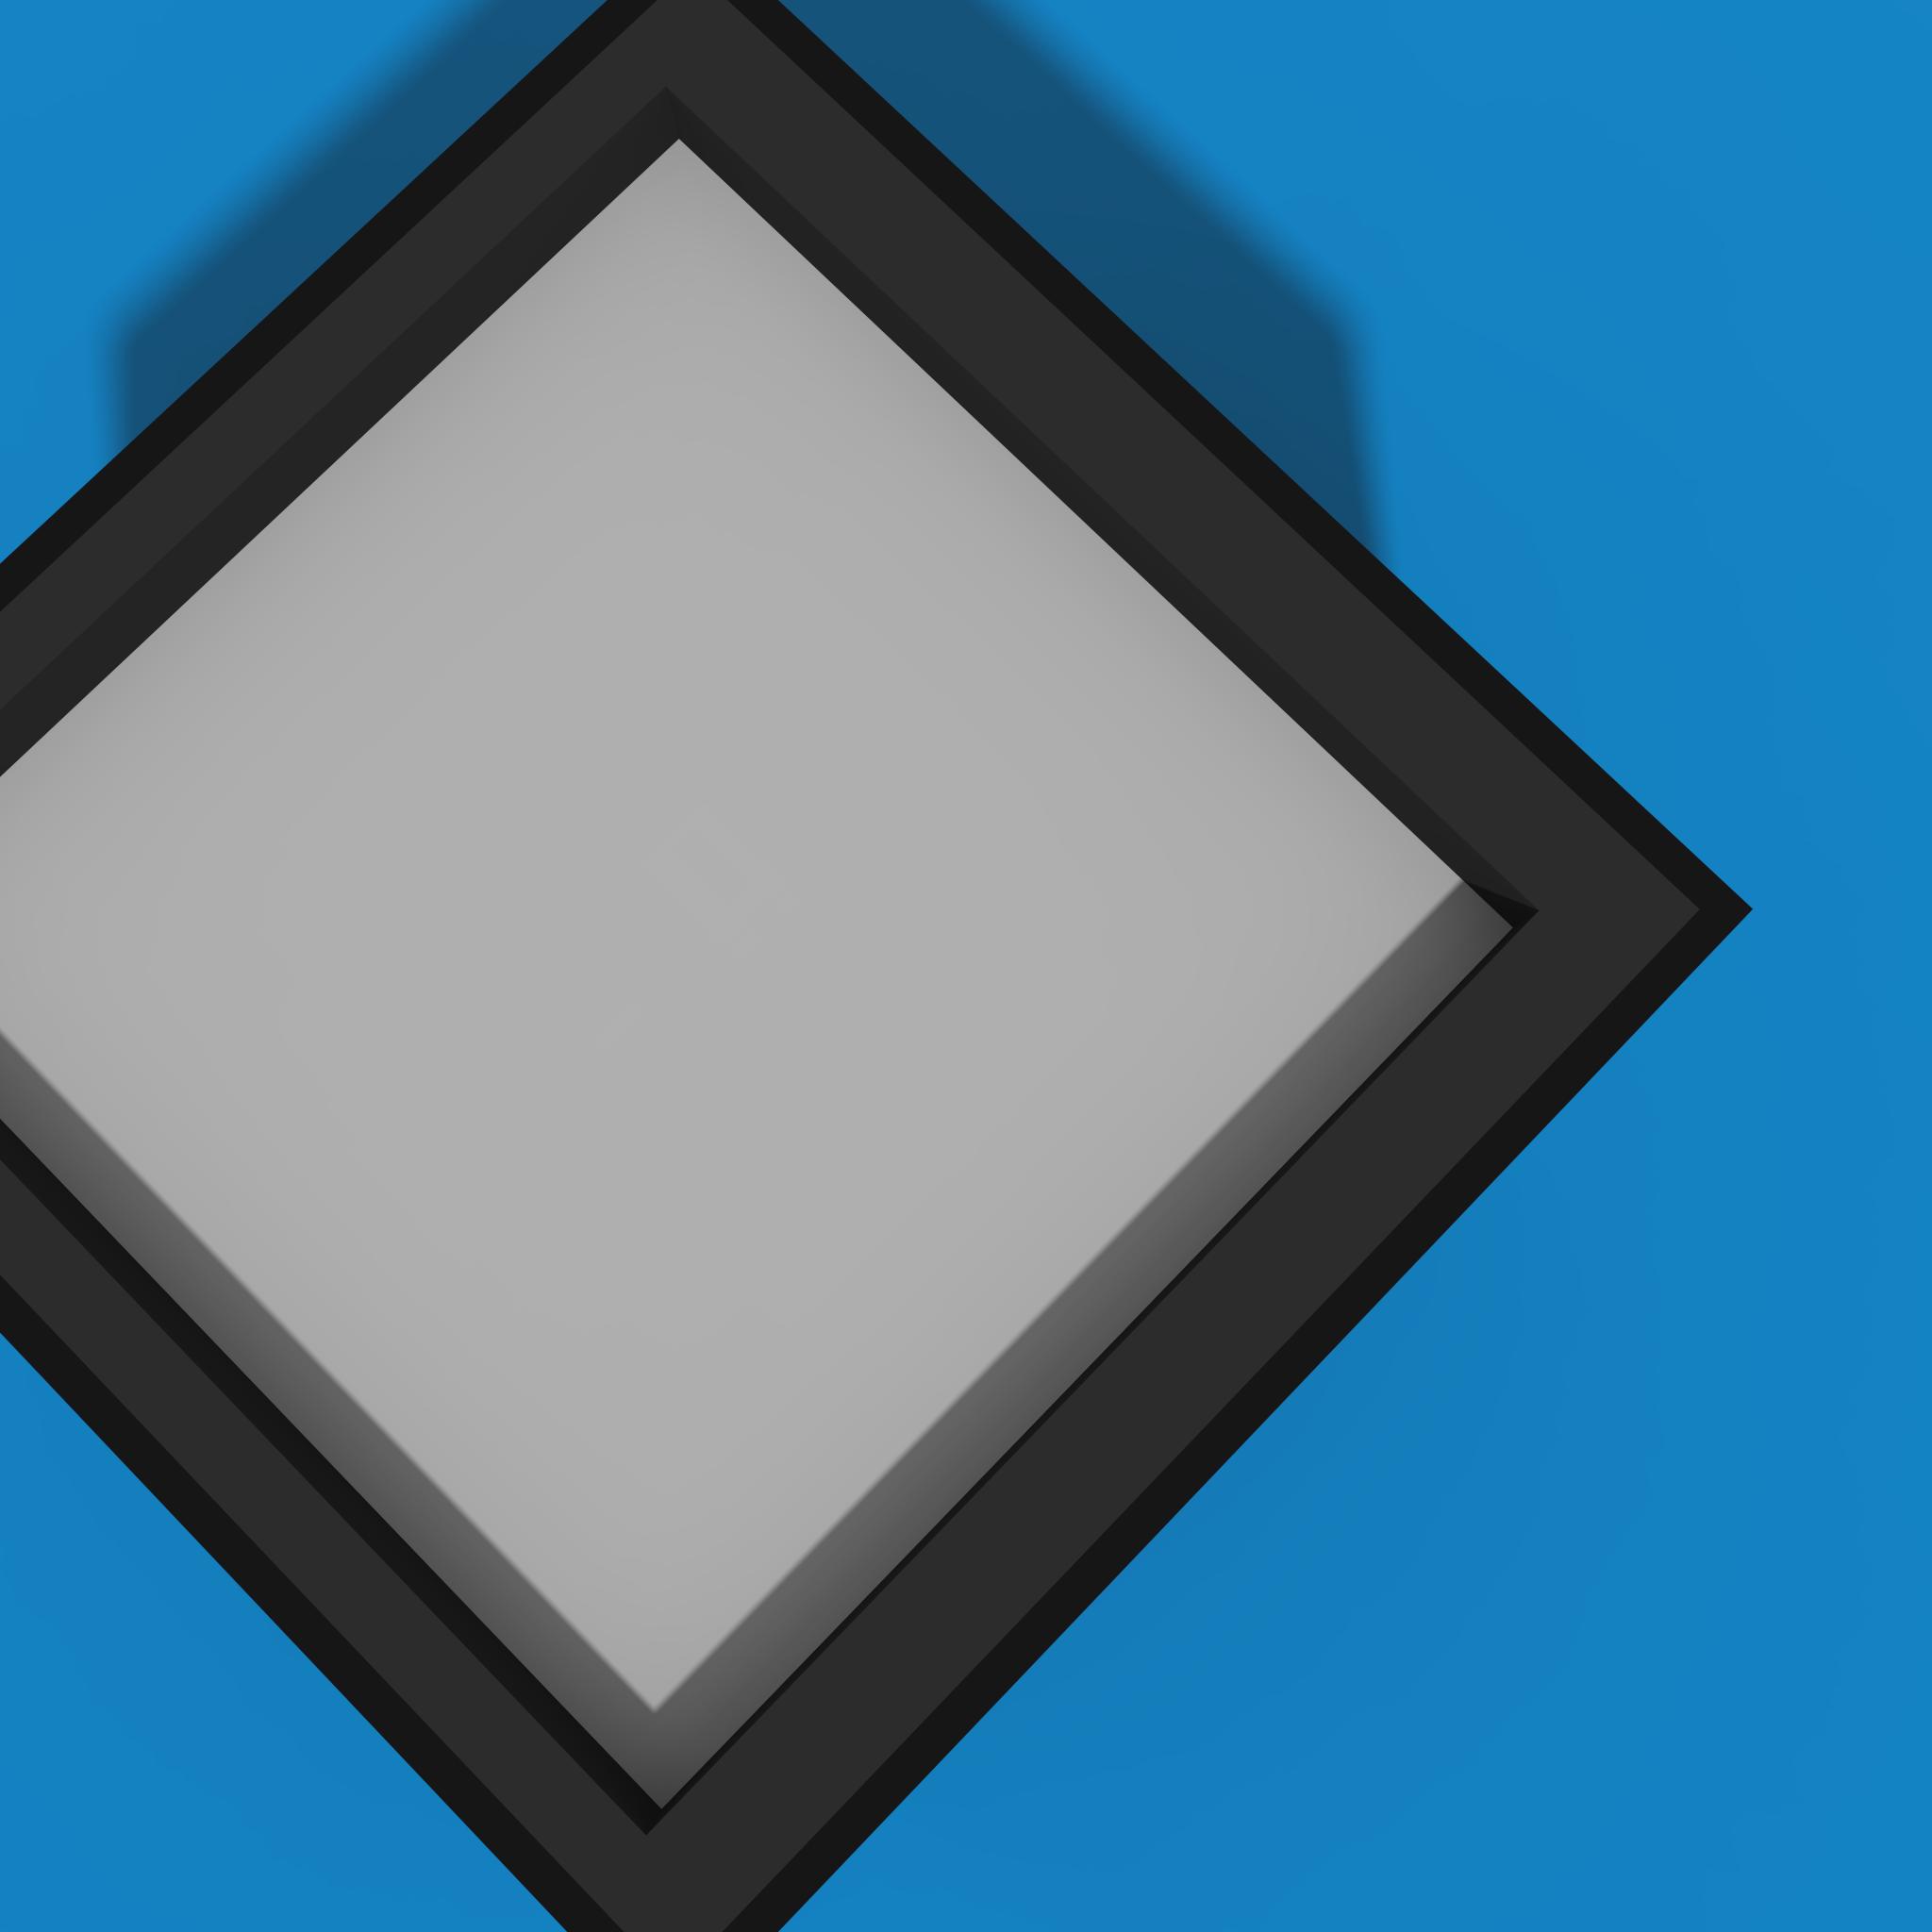 Square_DGZ_Minimal_Wallpaper_rmrdnl.png